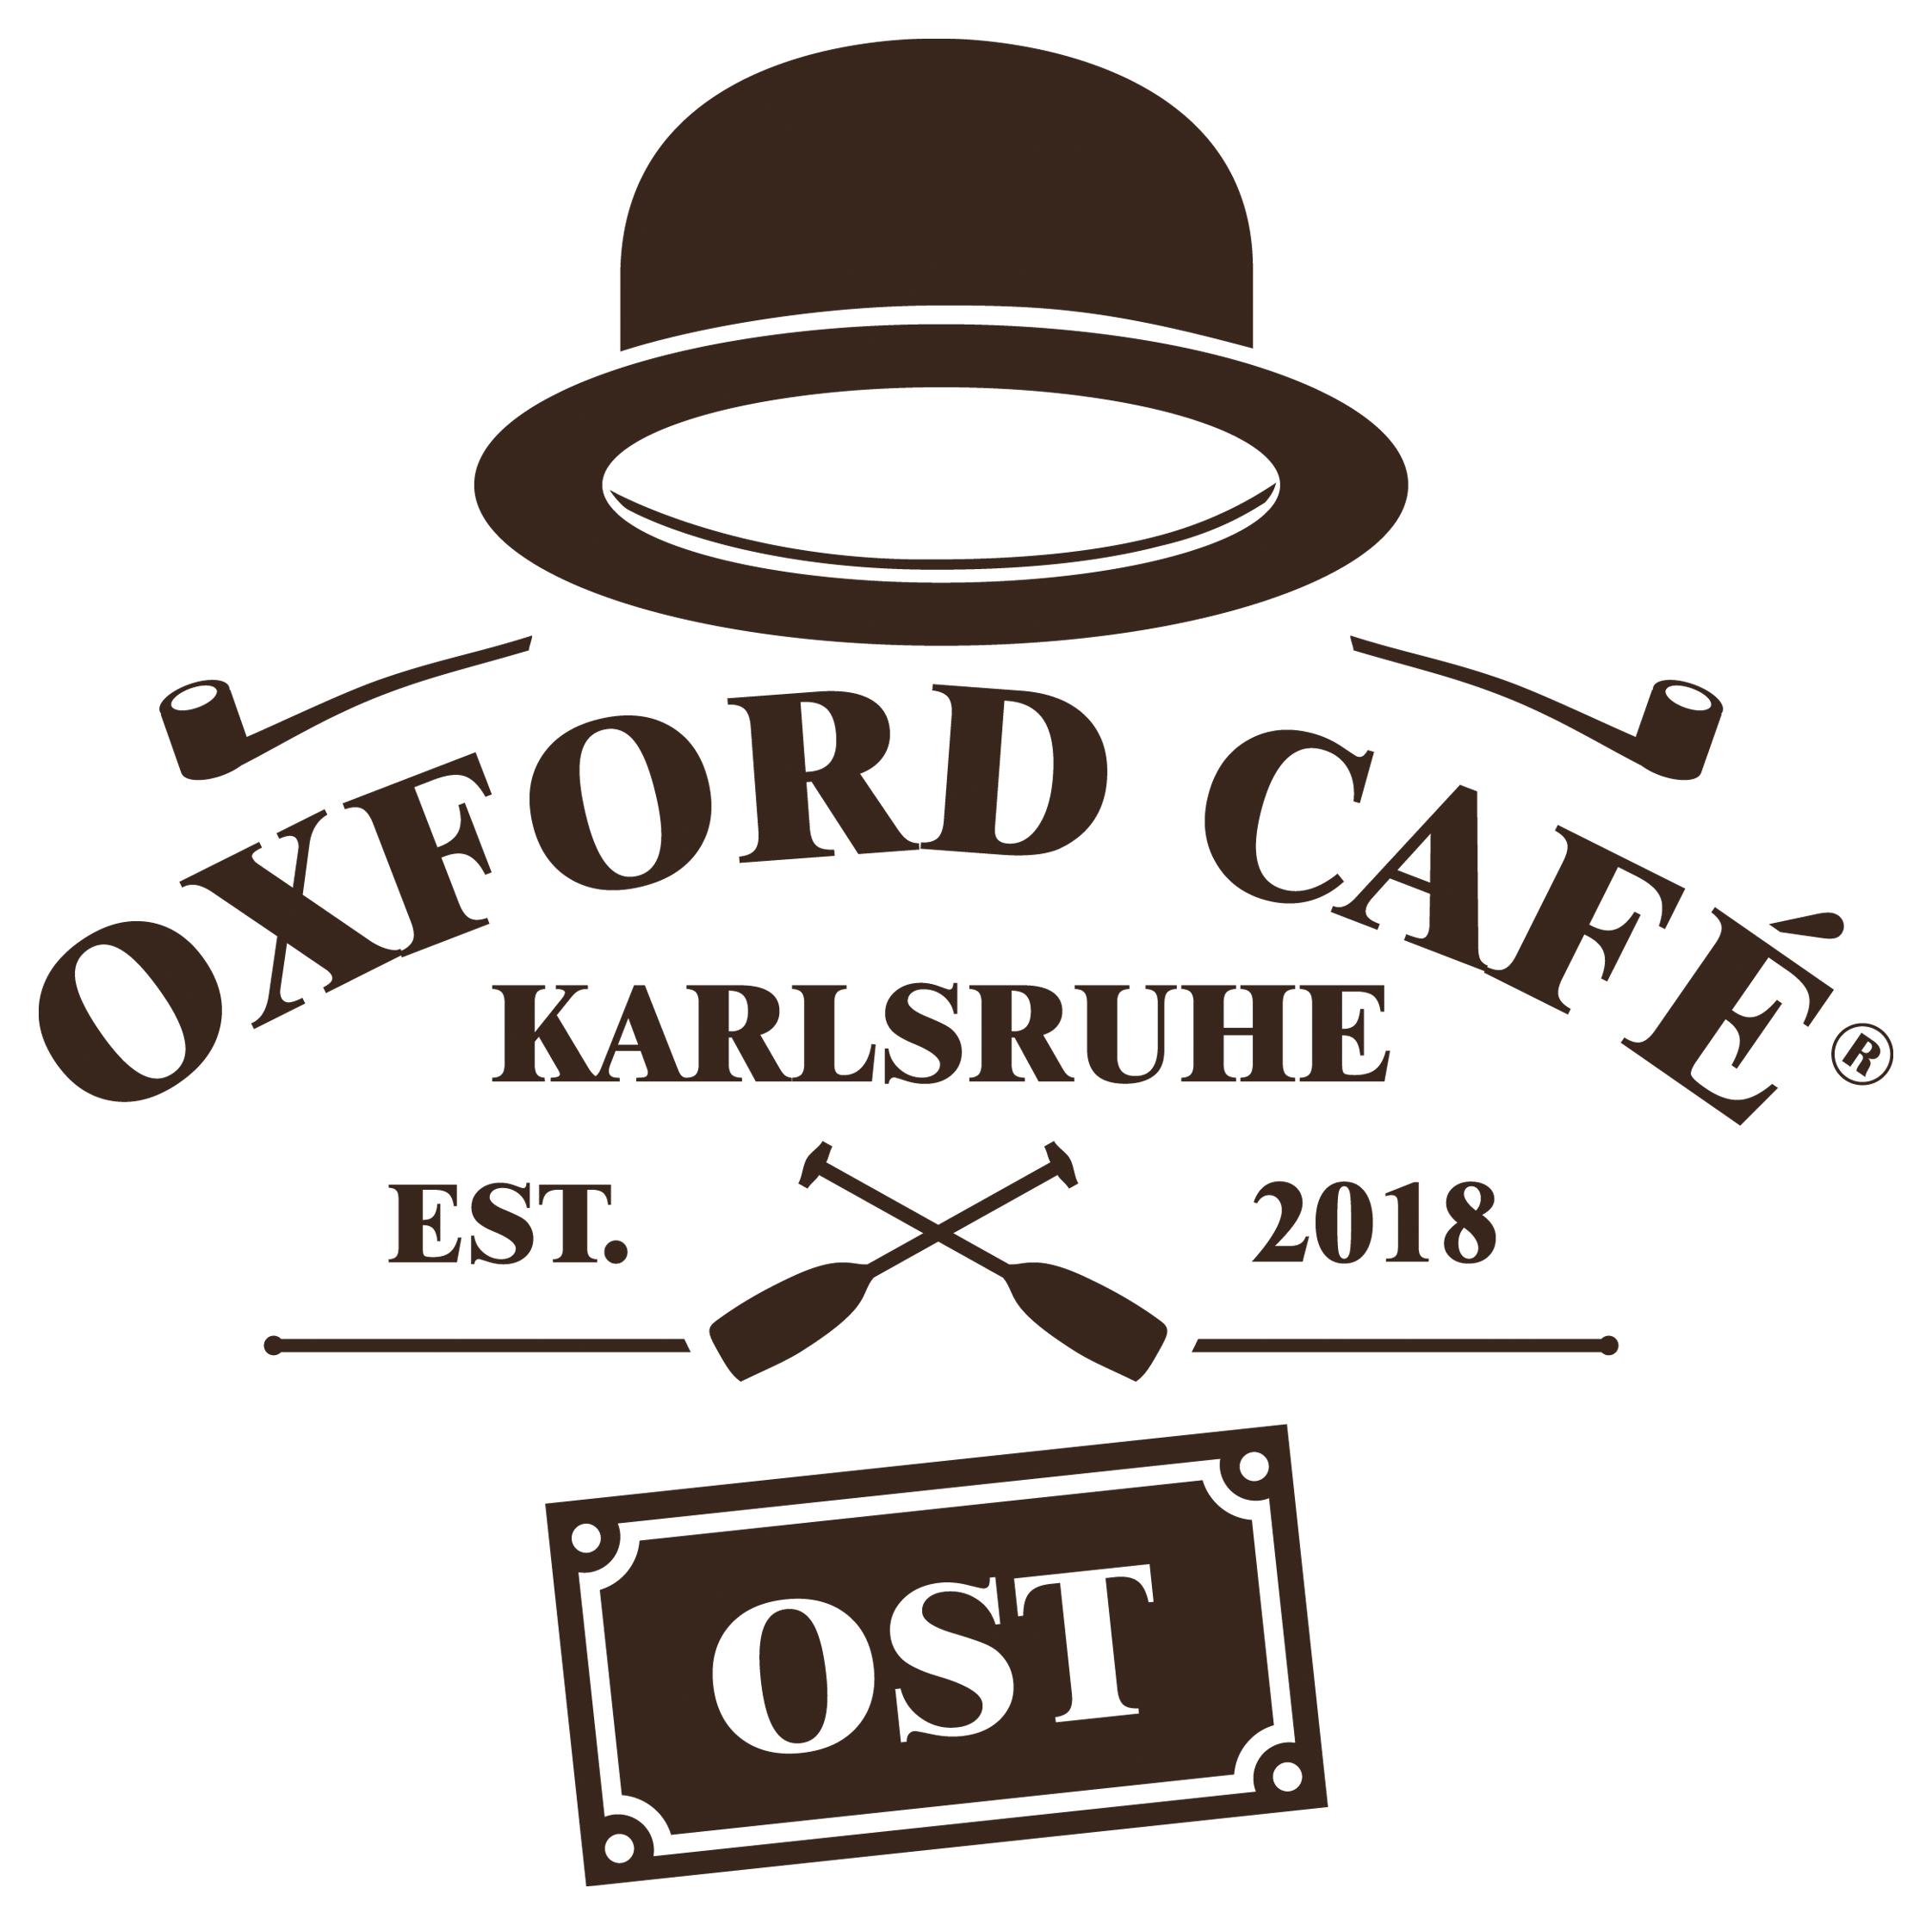 Oxford Café Ost Karlsruhe